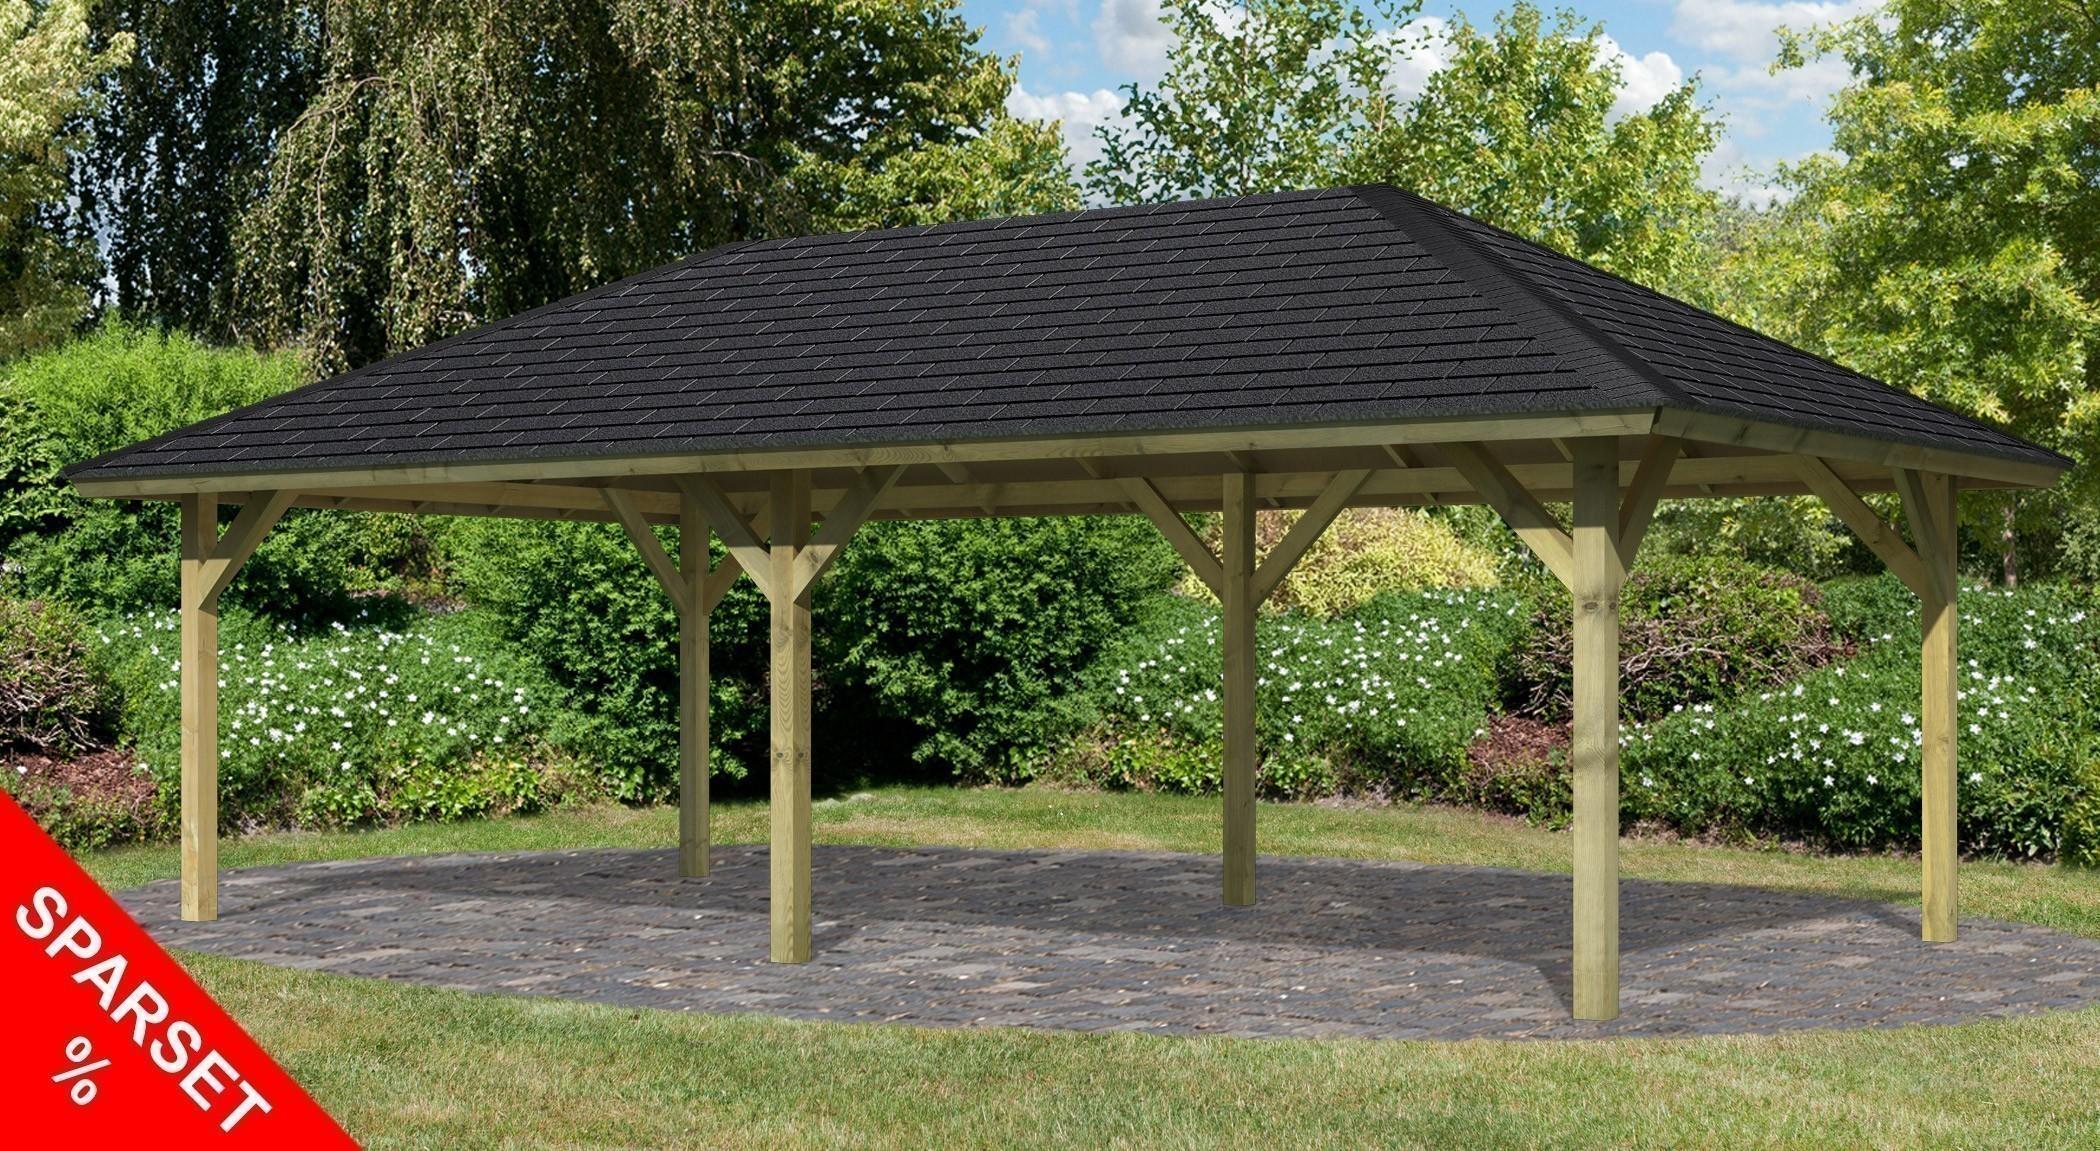 karibu holzpavillon carport holm 2 kdi 778x431cm sparset schindeln bei. Black Bedroom Furniture Sets. Home Design Ideas